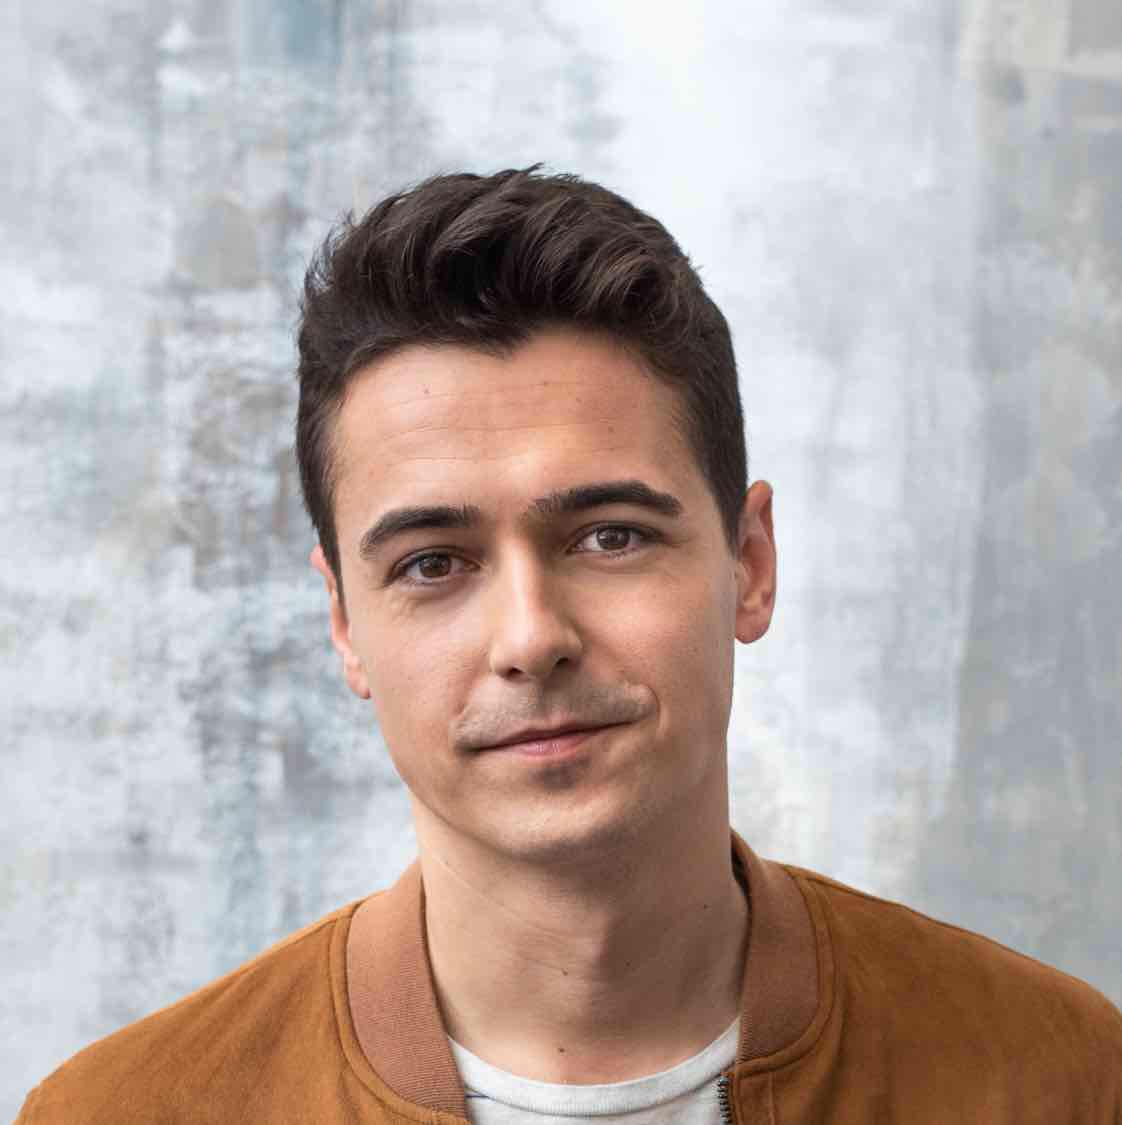 Avatar of Tanner Zipchen